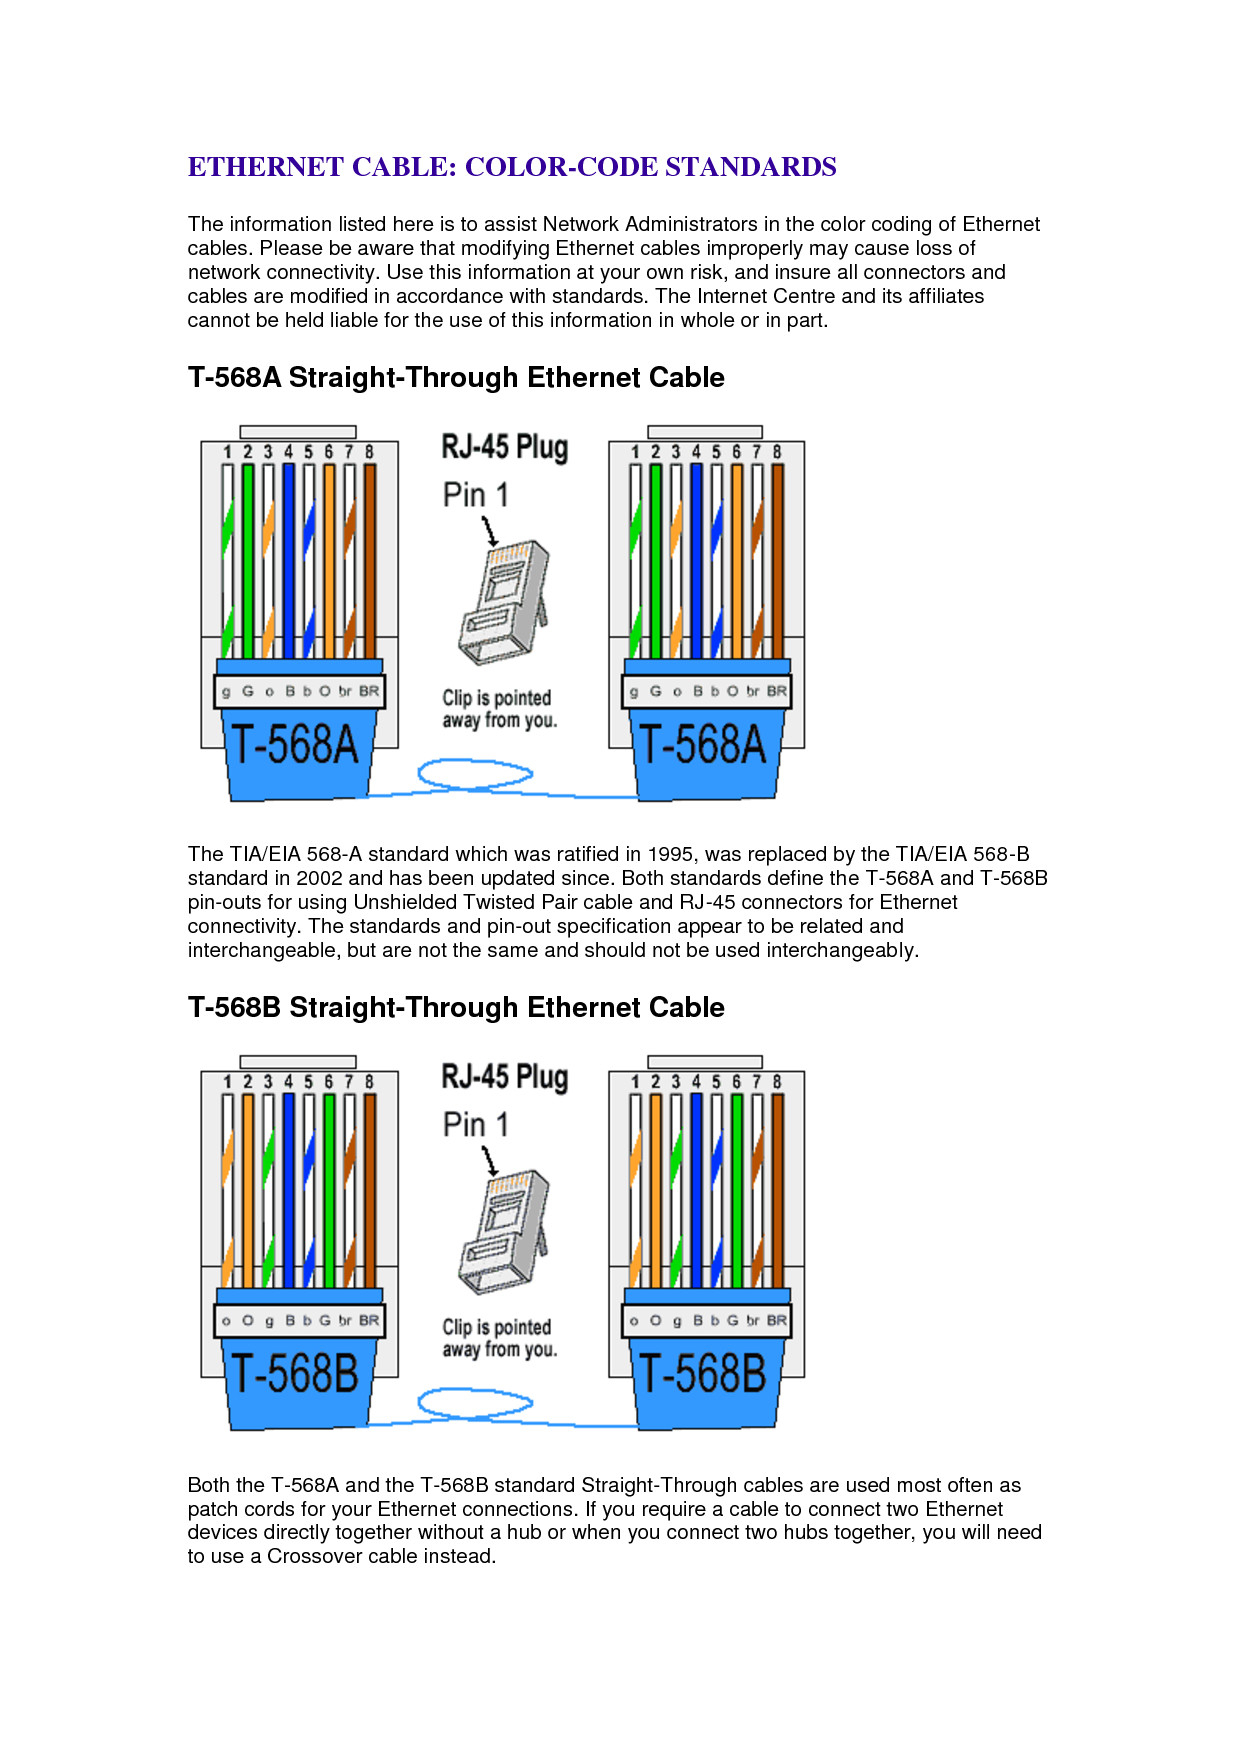 Att Cat5 Wiring   Best Wiring Library - Att Uverse Cat5 Wiring Diagram